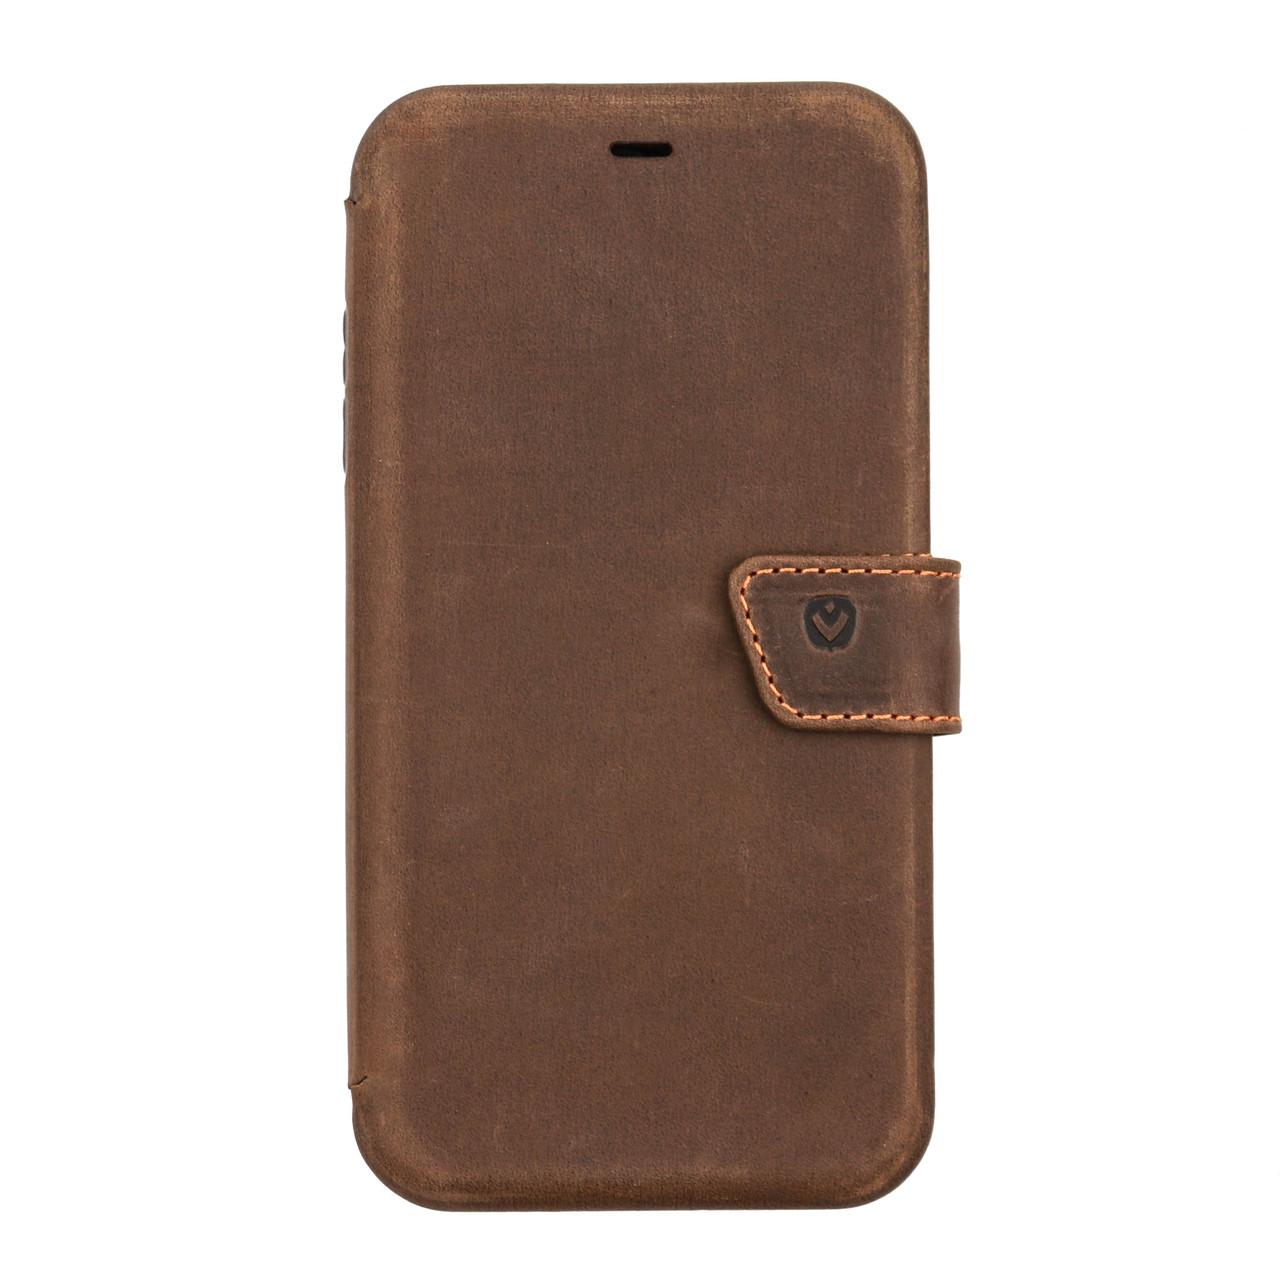 Кожаный чехол-книжка  VALENTA для iPhone XS Max Коричневый (С131182ipxsm)